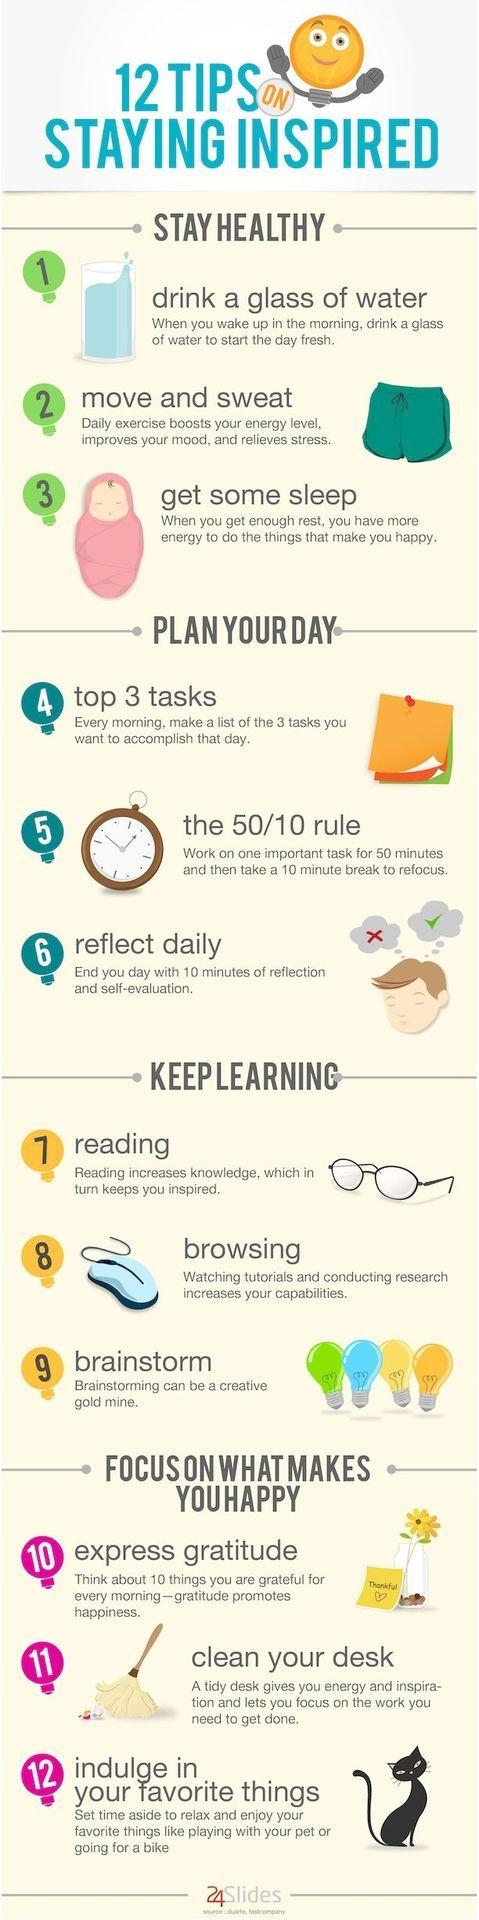 Zwölf einfache, aber sehr effektive Tipps, um motiviert zu bleiben!